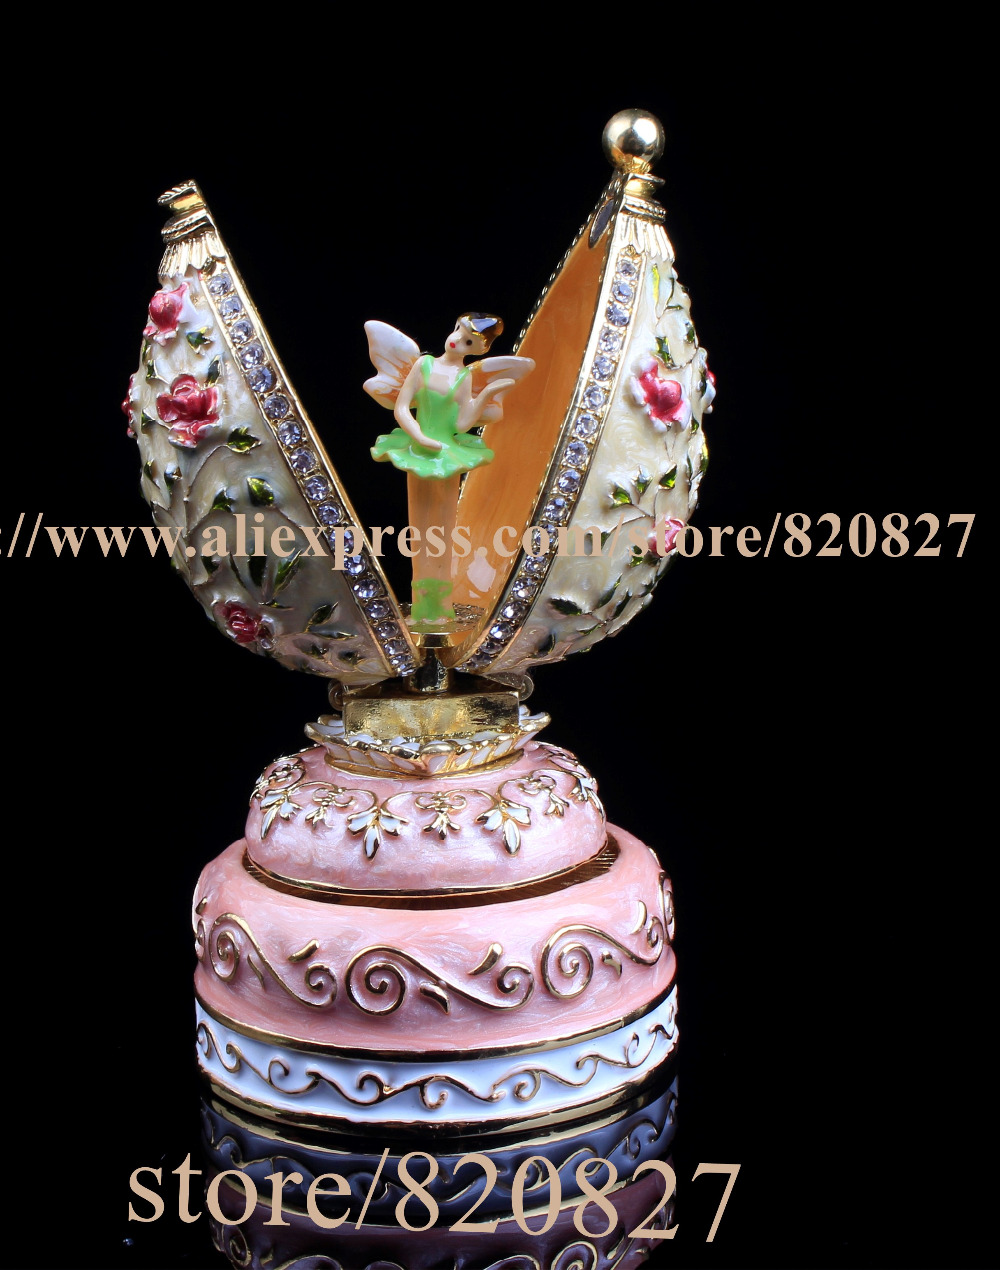 Винтаж ангел яйцо-музыкальная шкатулка в форме Фаберже Стиль яйцо music box Оловянная Фигурка, музыкальное яйцо шкатулка с танец ангела внутри